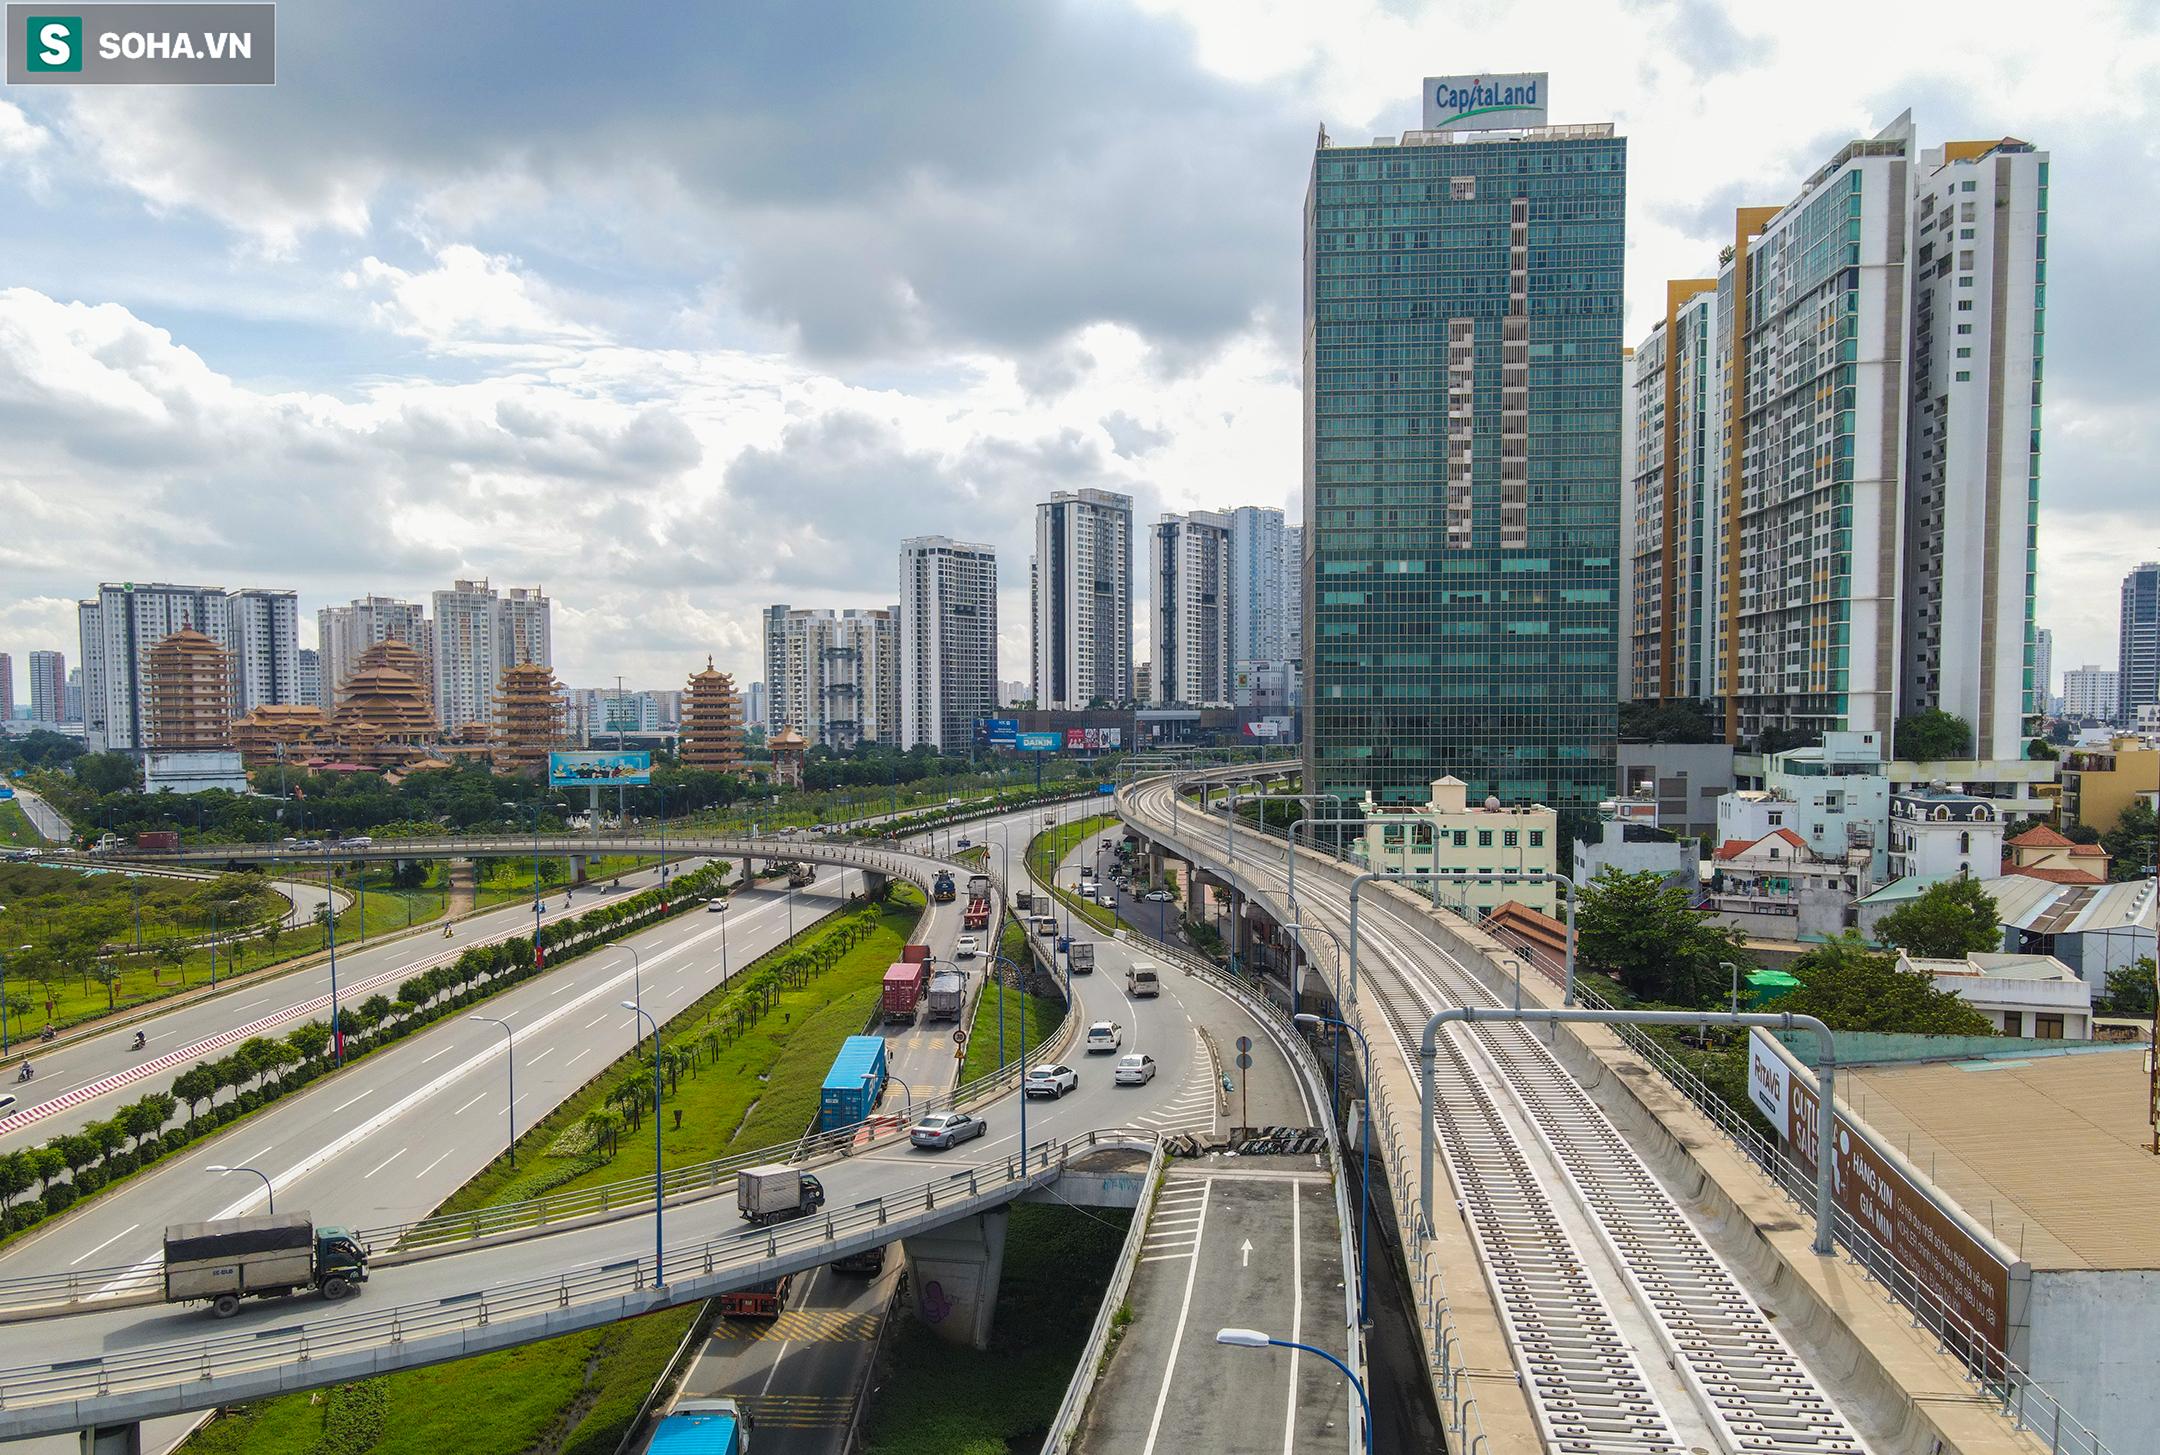 Cao ốc, chung cư vây chặt metro số 1, giao thông khu Đông TP.HCM bắt đầu ngạt thở - Ảnh 7.